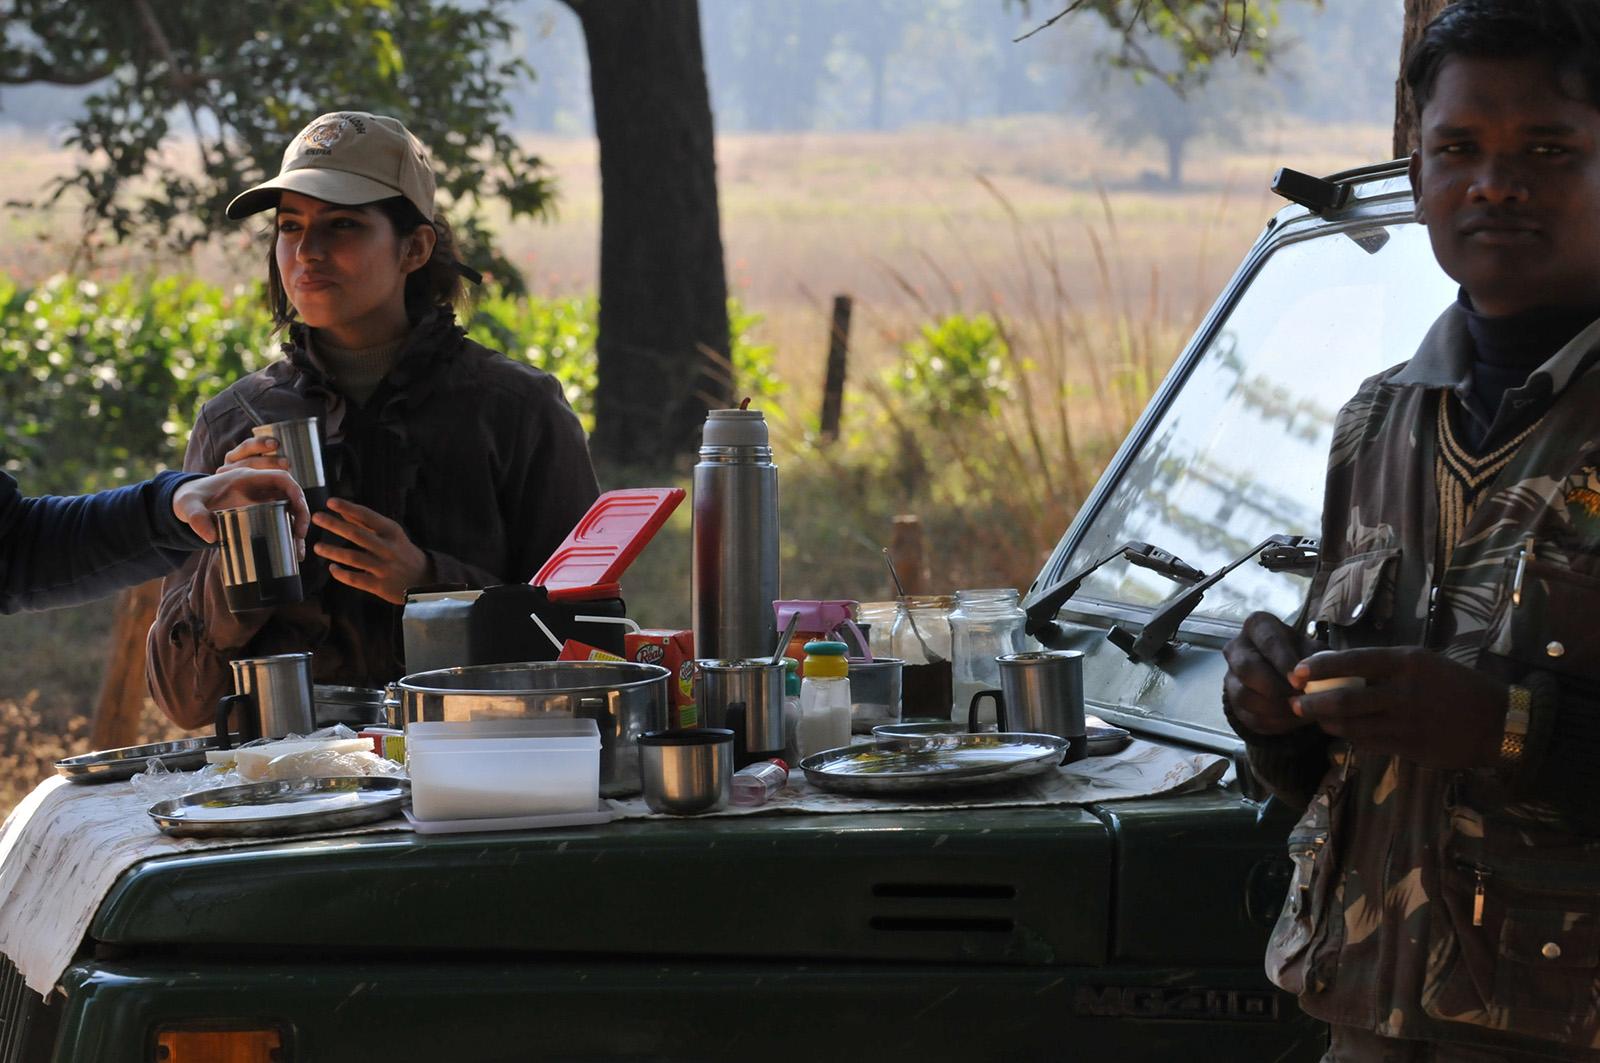 mensen bij auto op safari aan het picknicken op motorkap